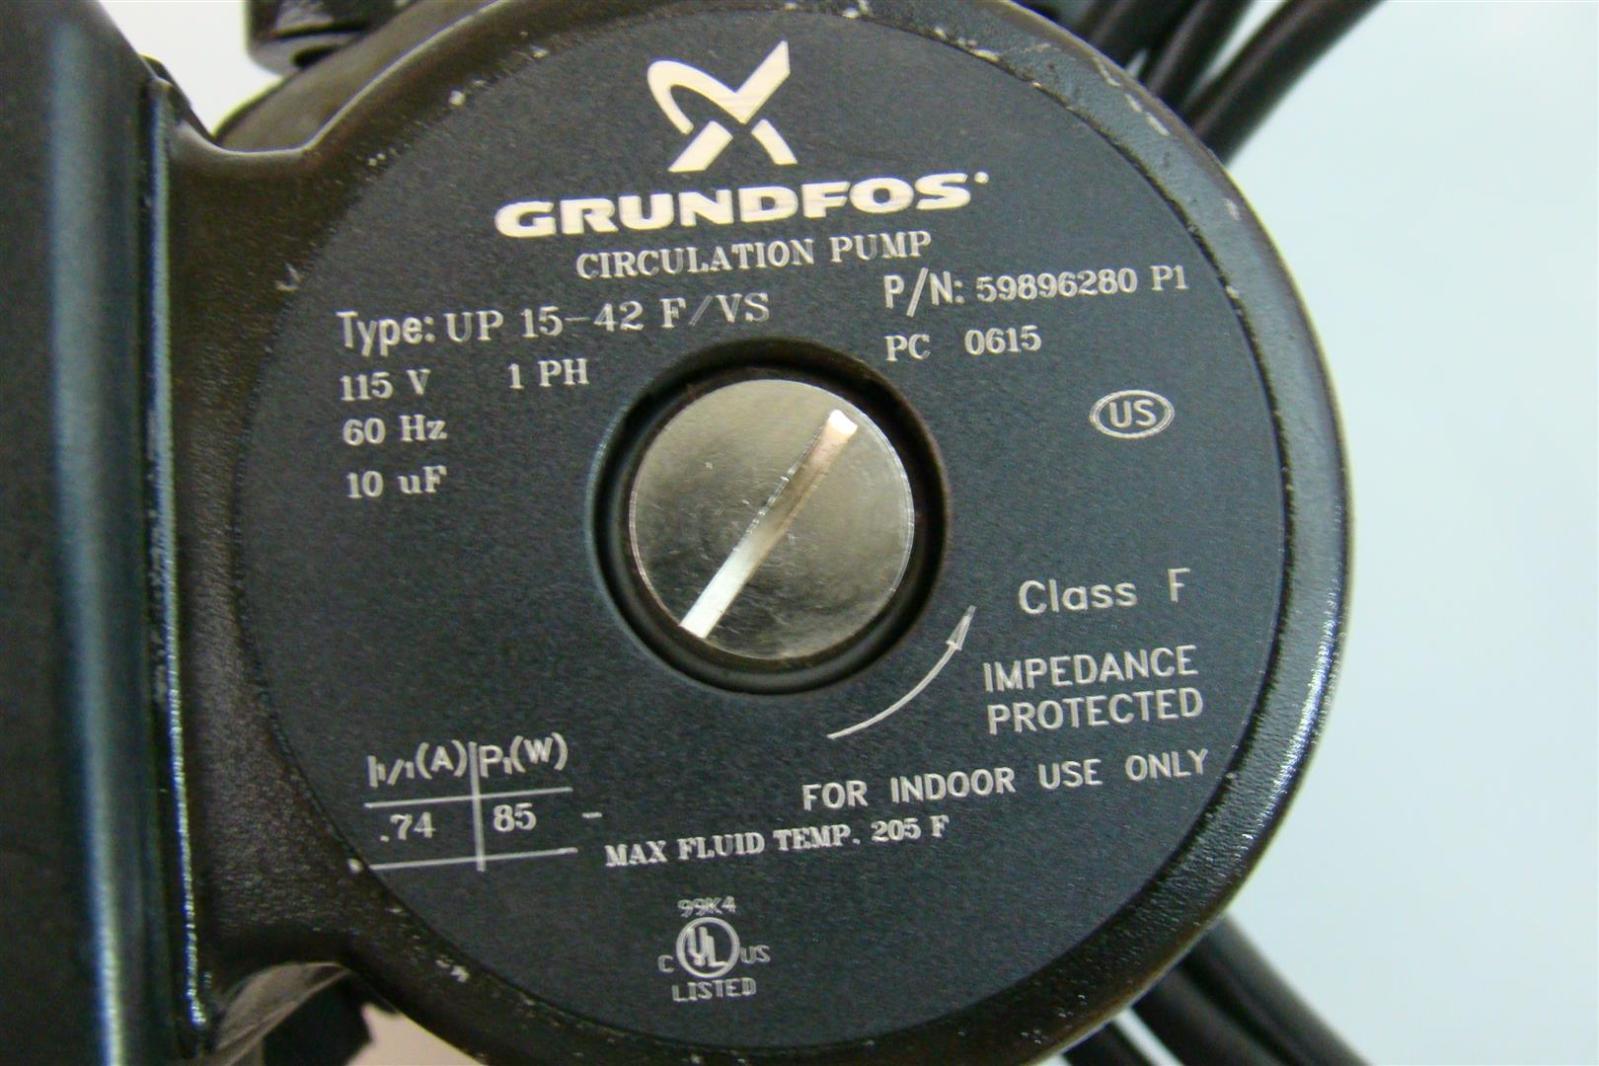 Variable Speed Circulator Pump 1PH 115V 60Hz UP15 42 F/VS eBay #4C7F7B